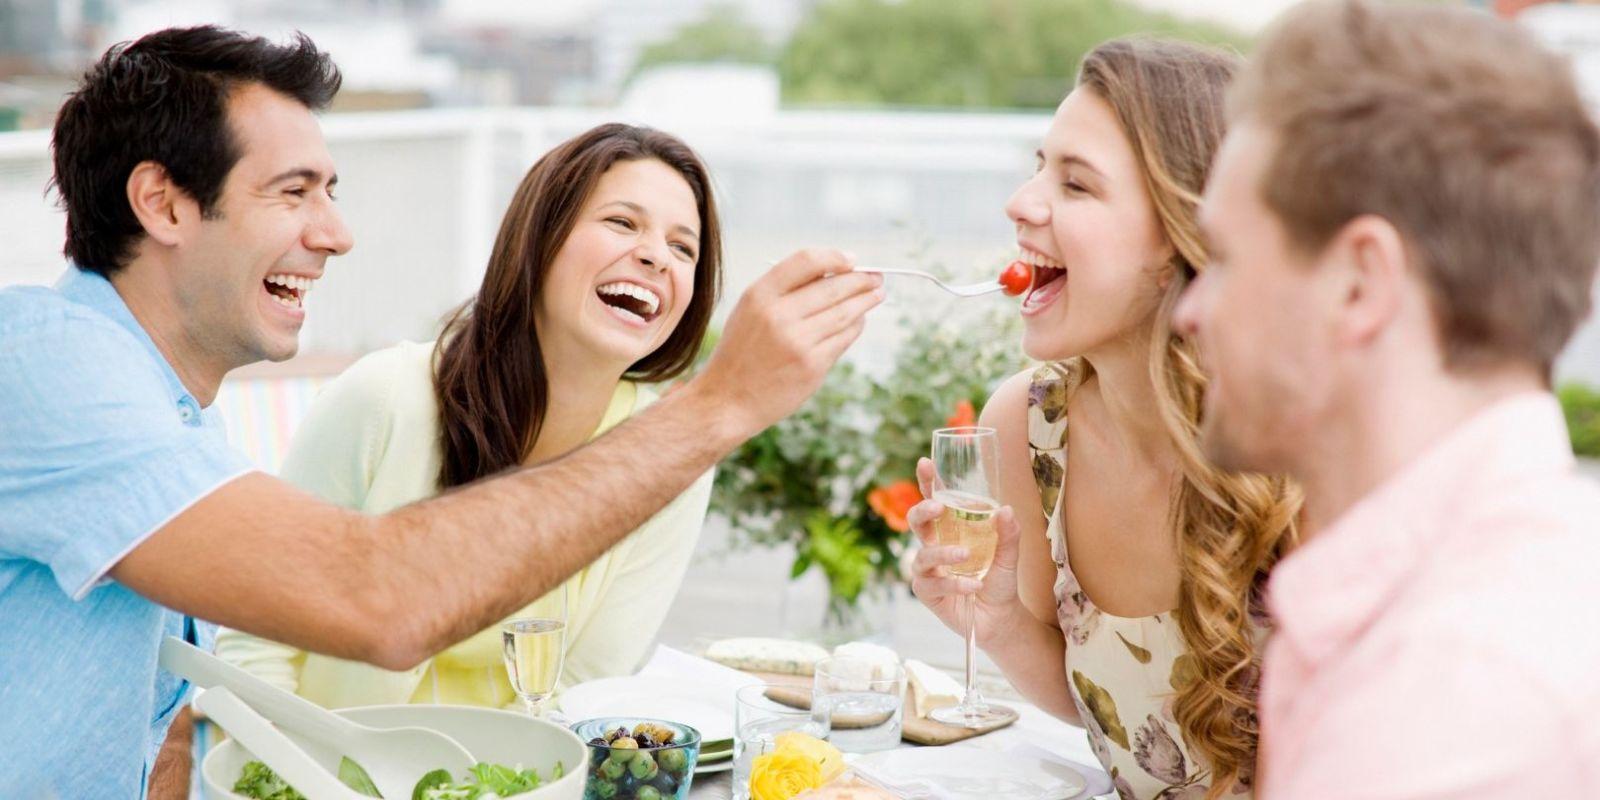 Dieta e vacanze, 5 trucchi per non ingrassare